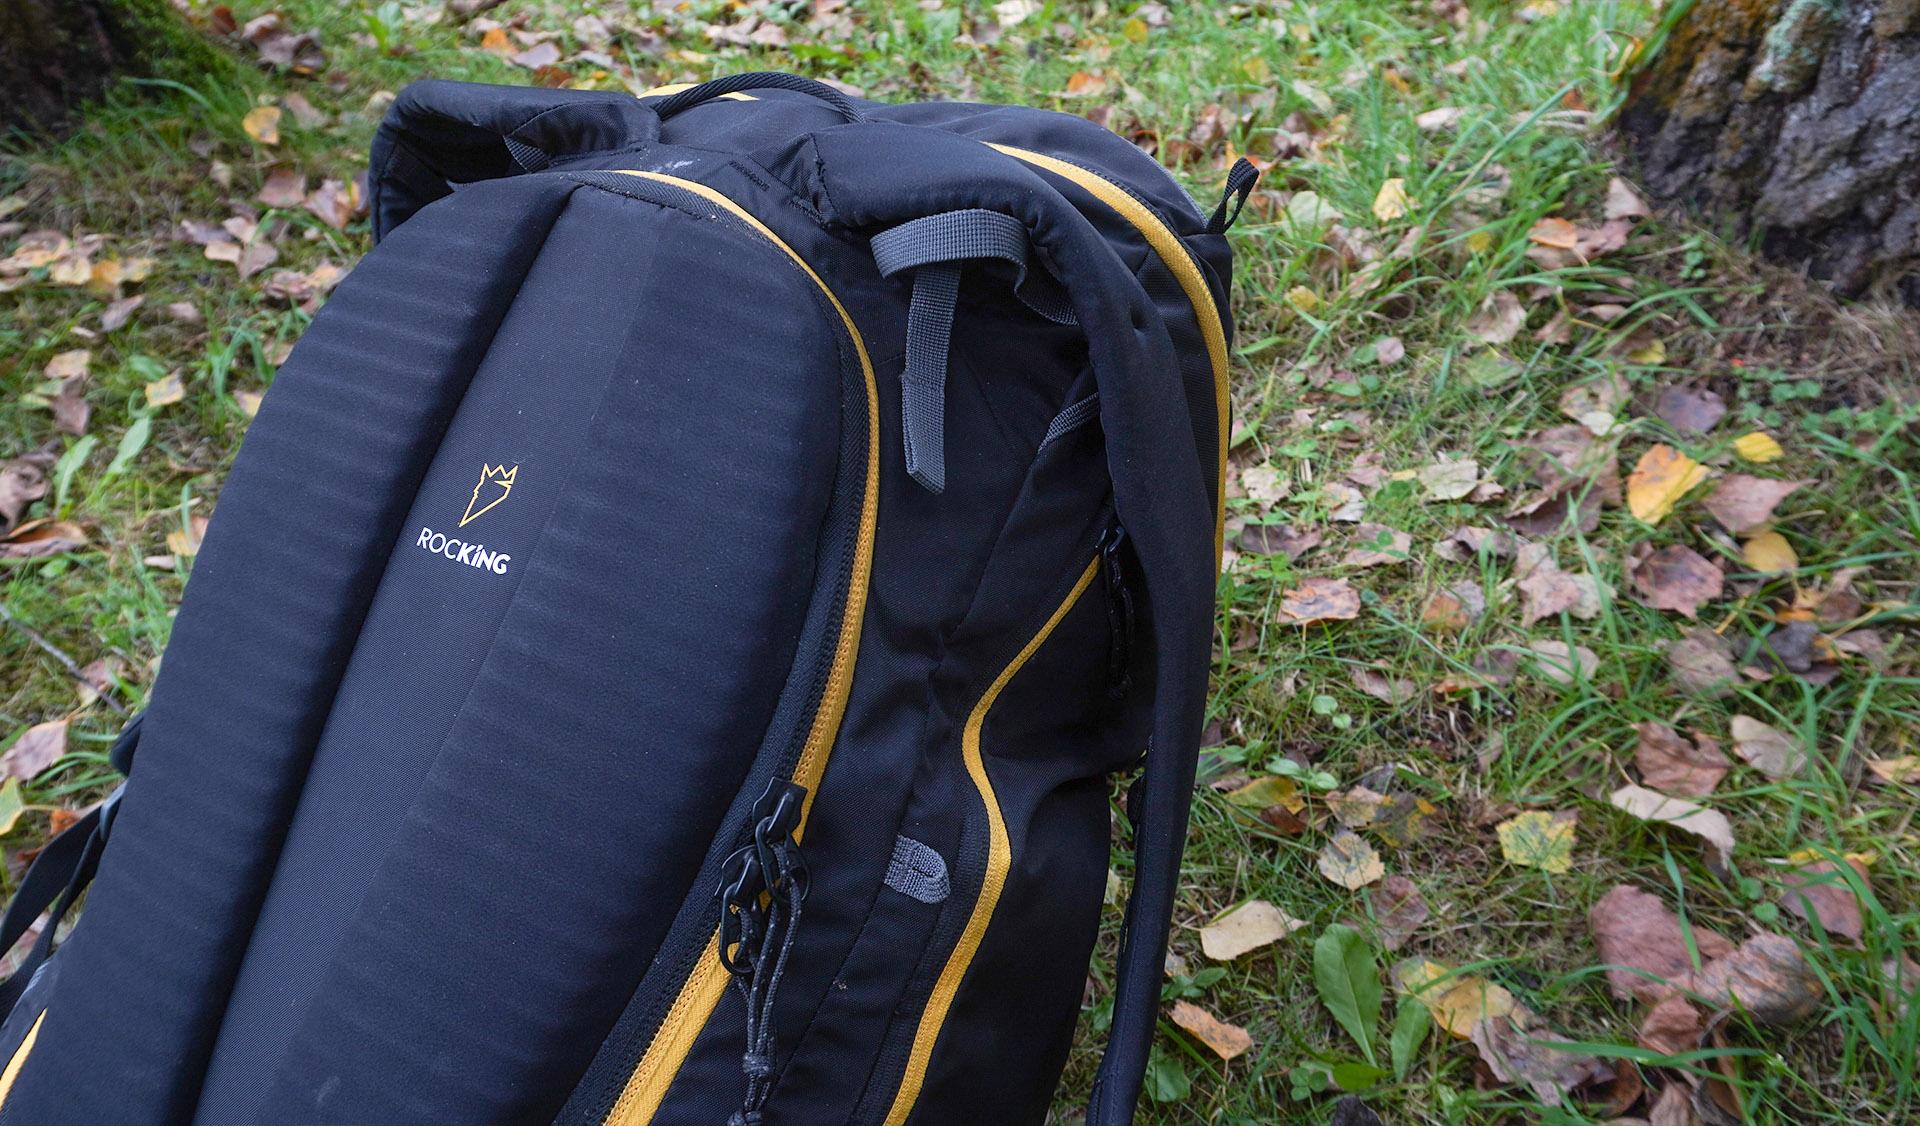 Singing rock Rocking 40 s výstuhou na chrbát proti tlačeniu lezeckej výbavy do chrbitice.